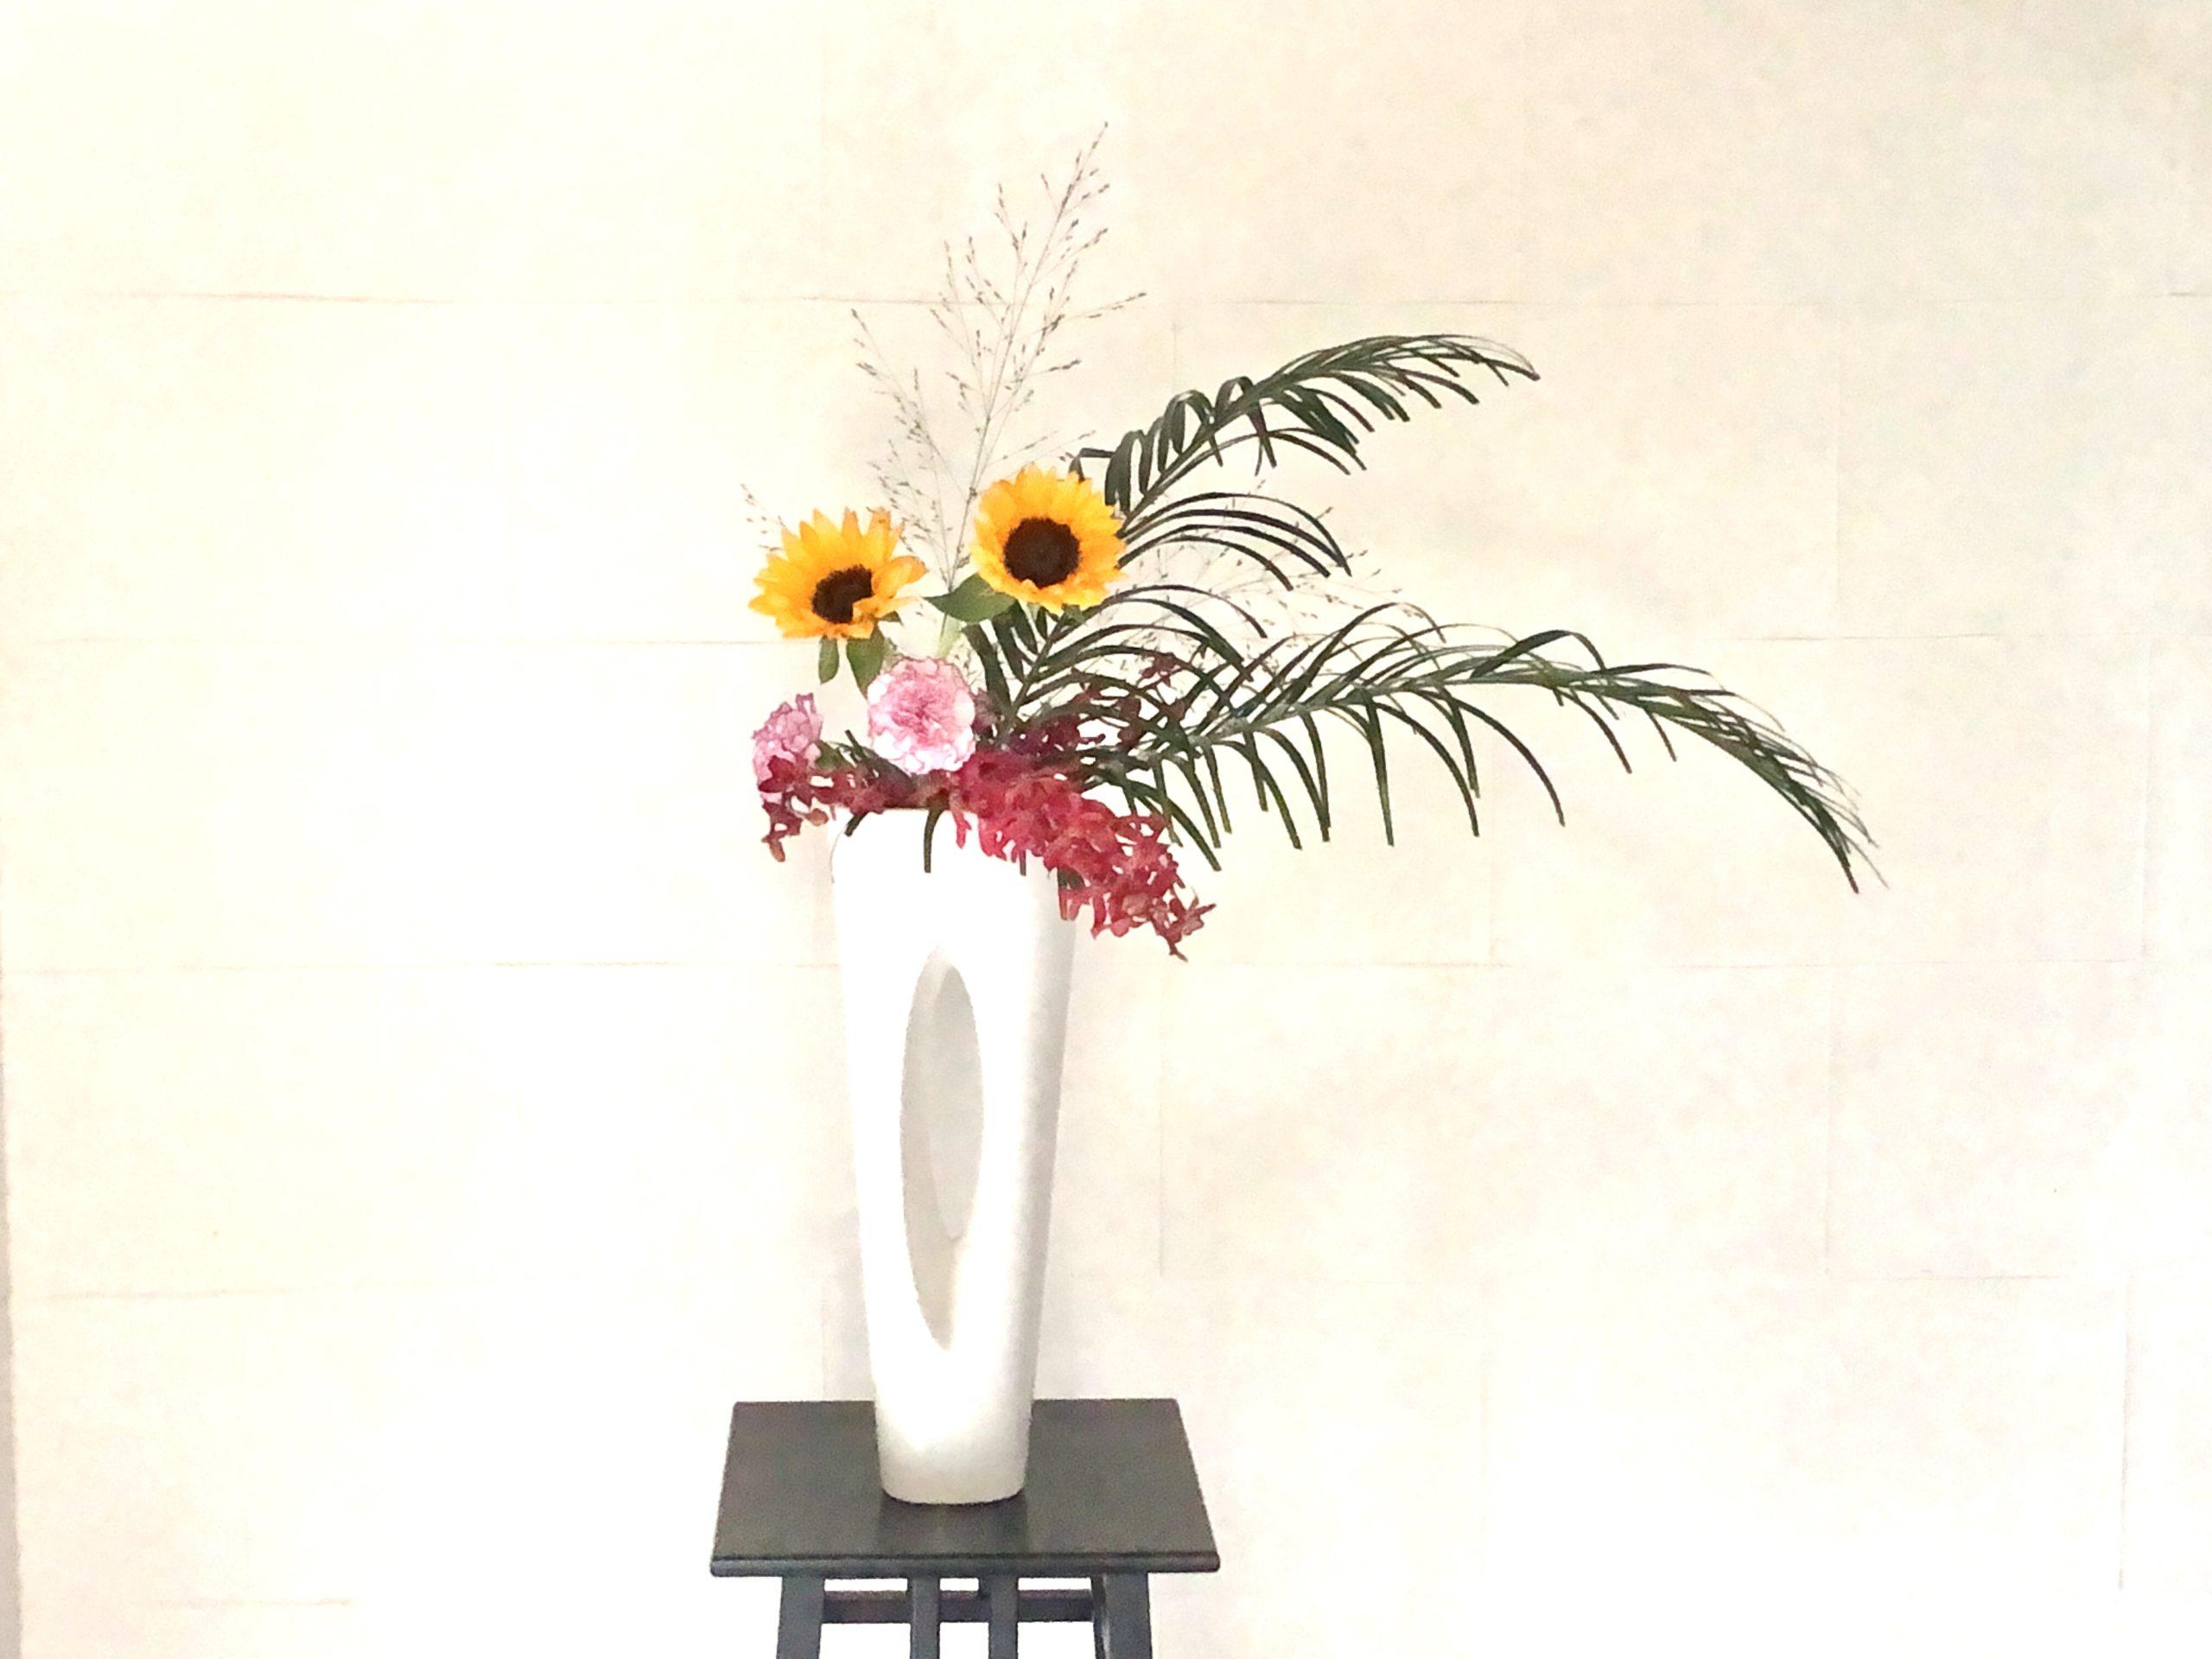 季節の移ろいを感じる生け花